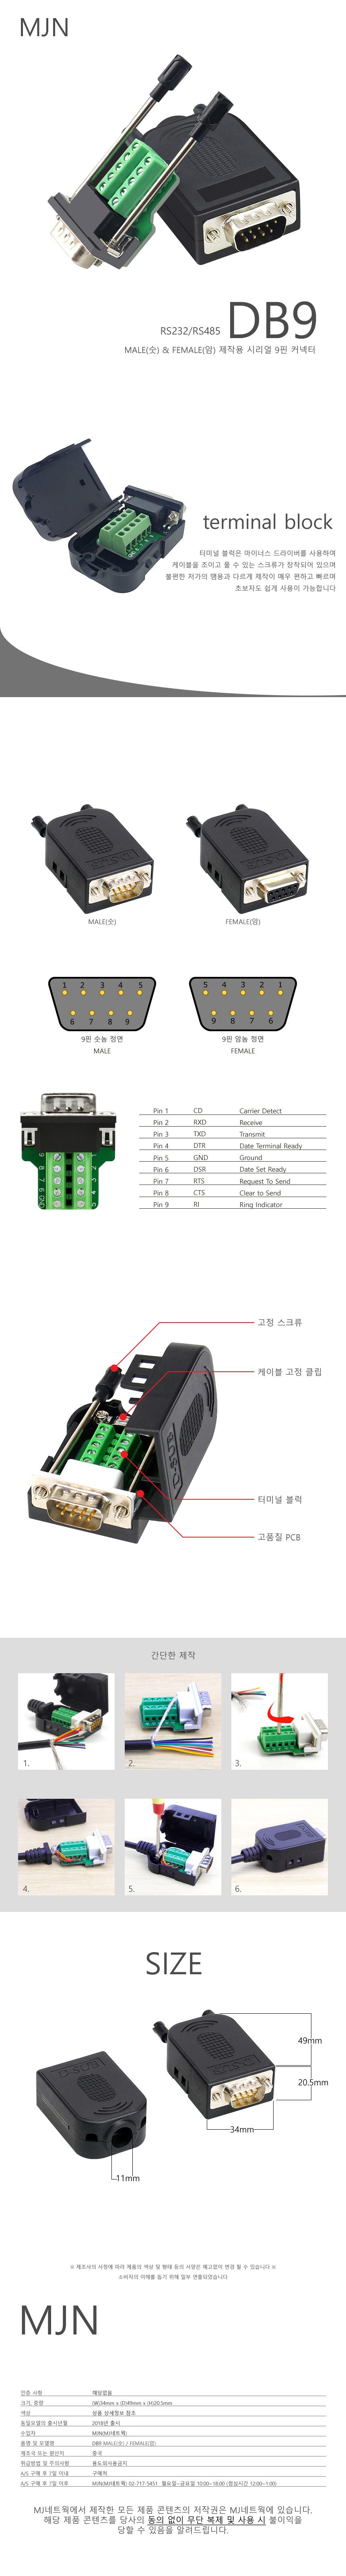 MJ네트웍 MJN DB9M 터미널 방식 시리얼 9핀 커넥터 (수)